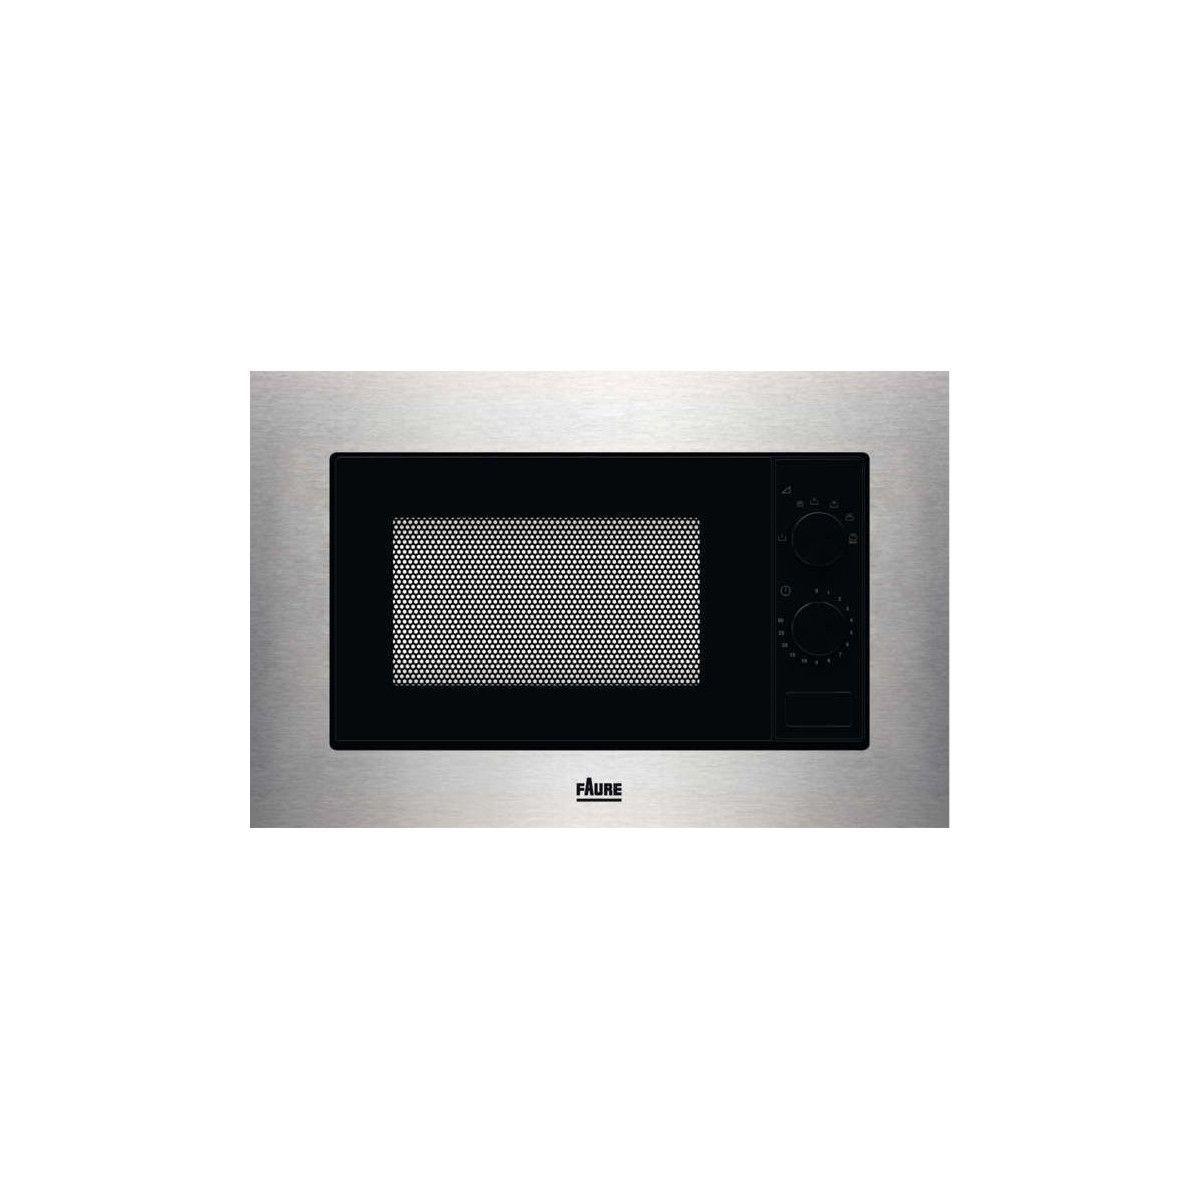 Faure Micro-ondes Encastrable 17l Faure 1200w 60cm, Fmsn 5 Sx